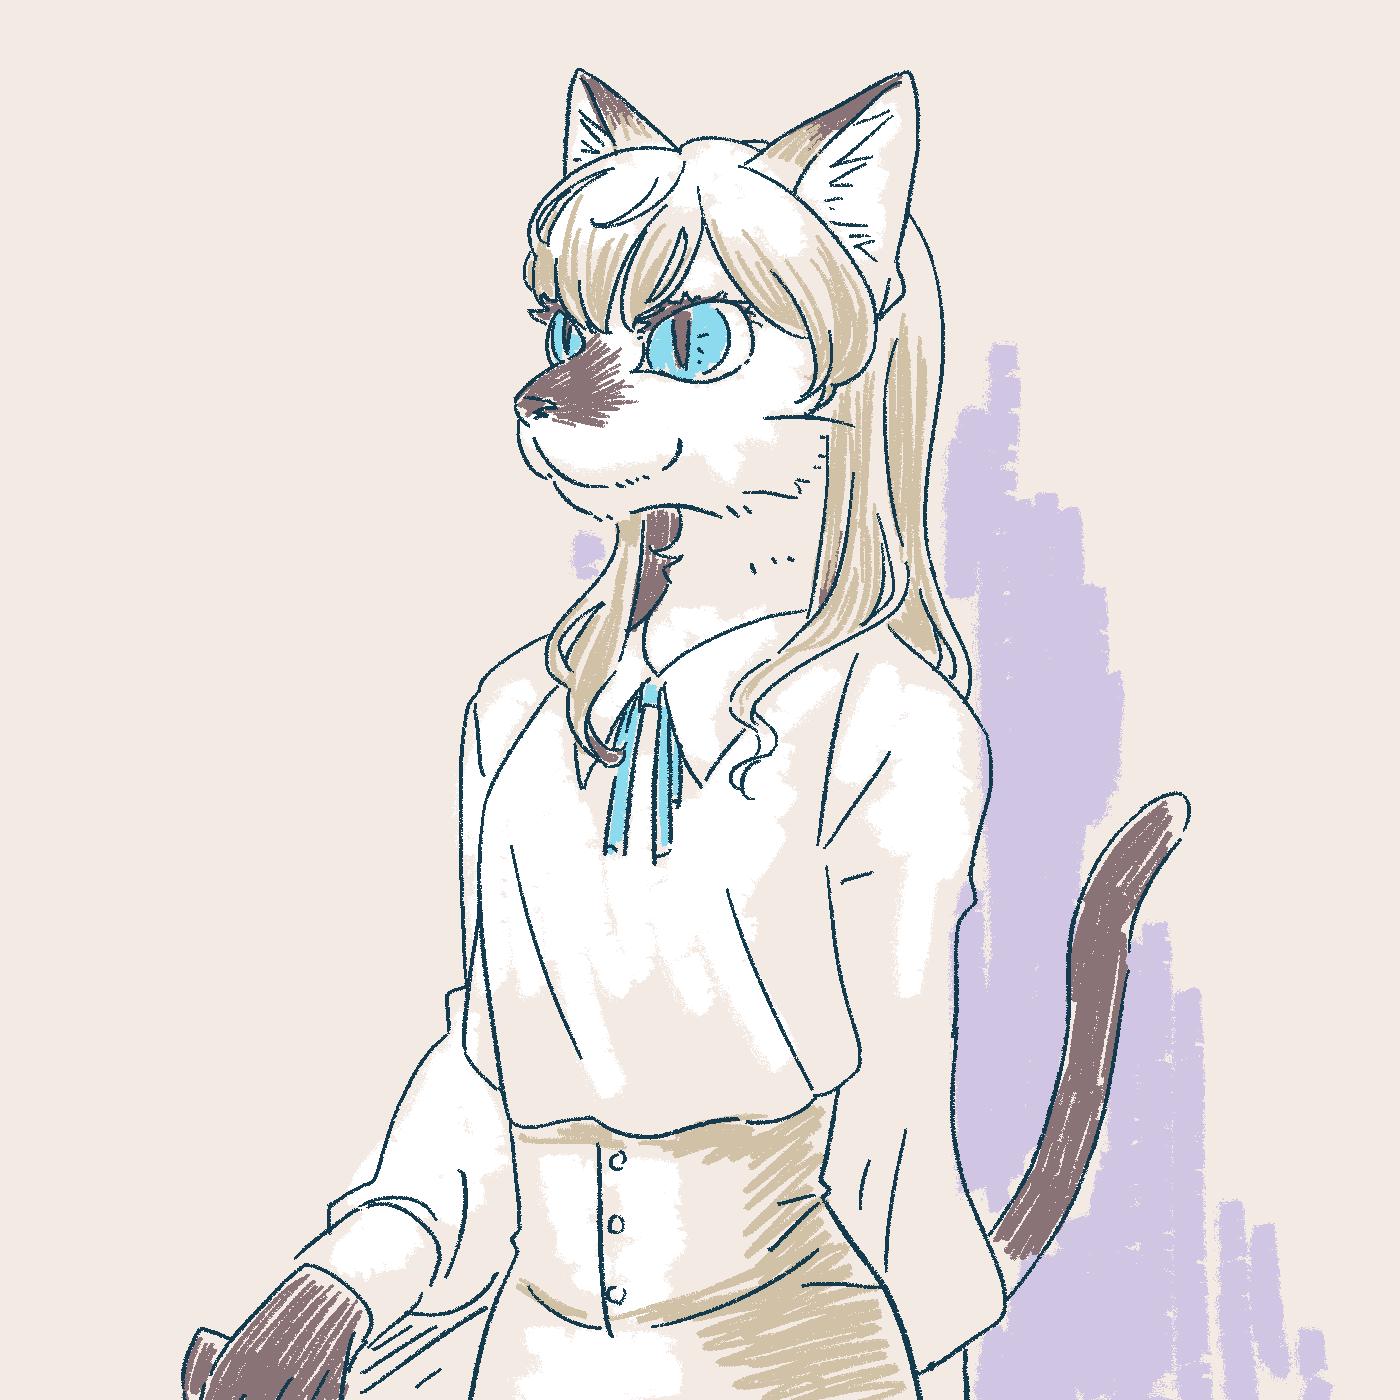 シールポイントの猫はお嬢様っぽく見える